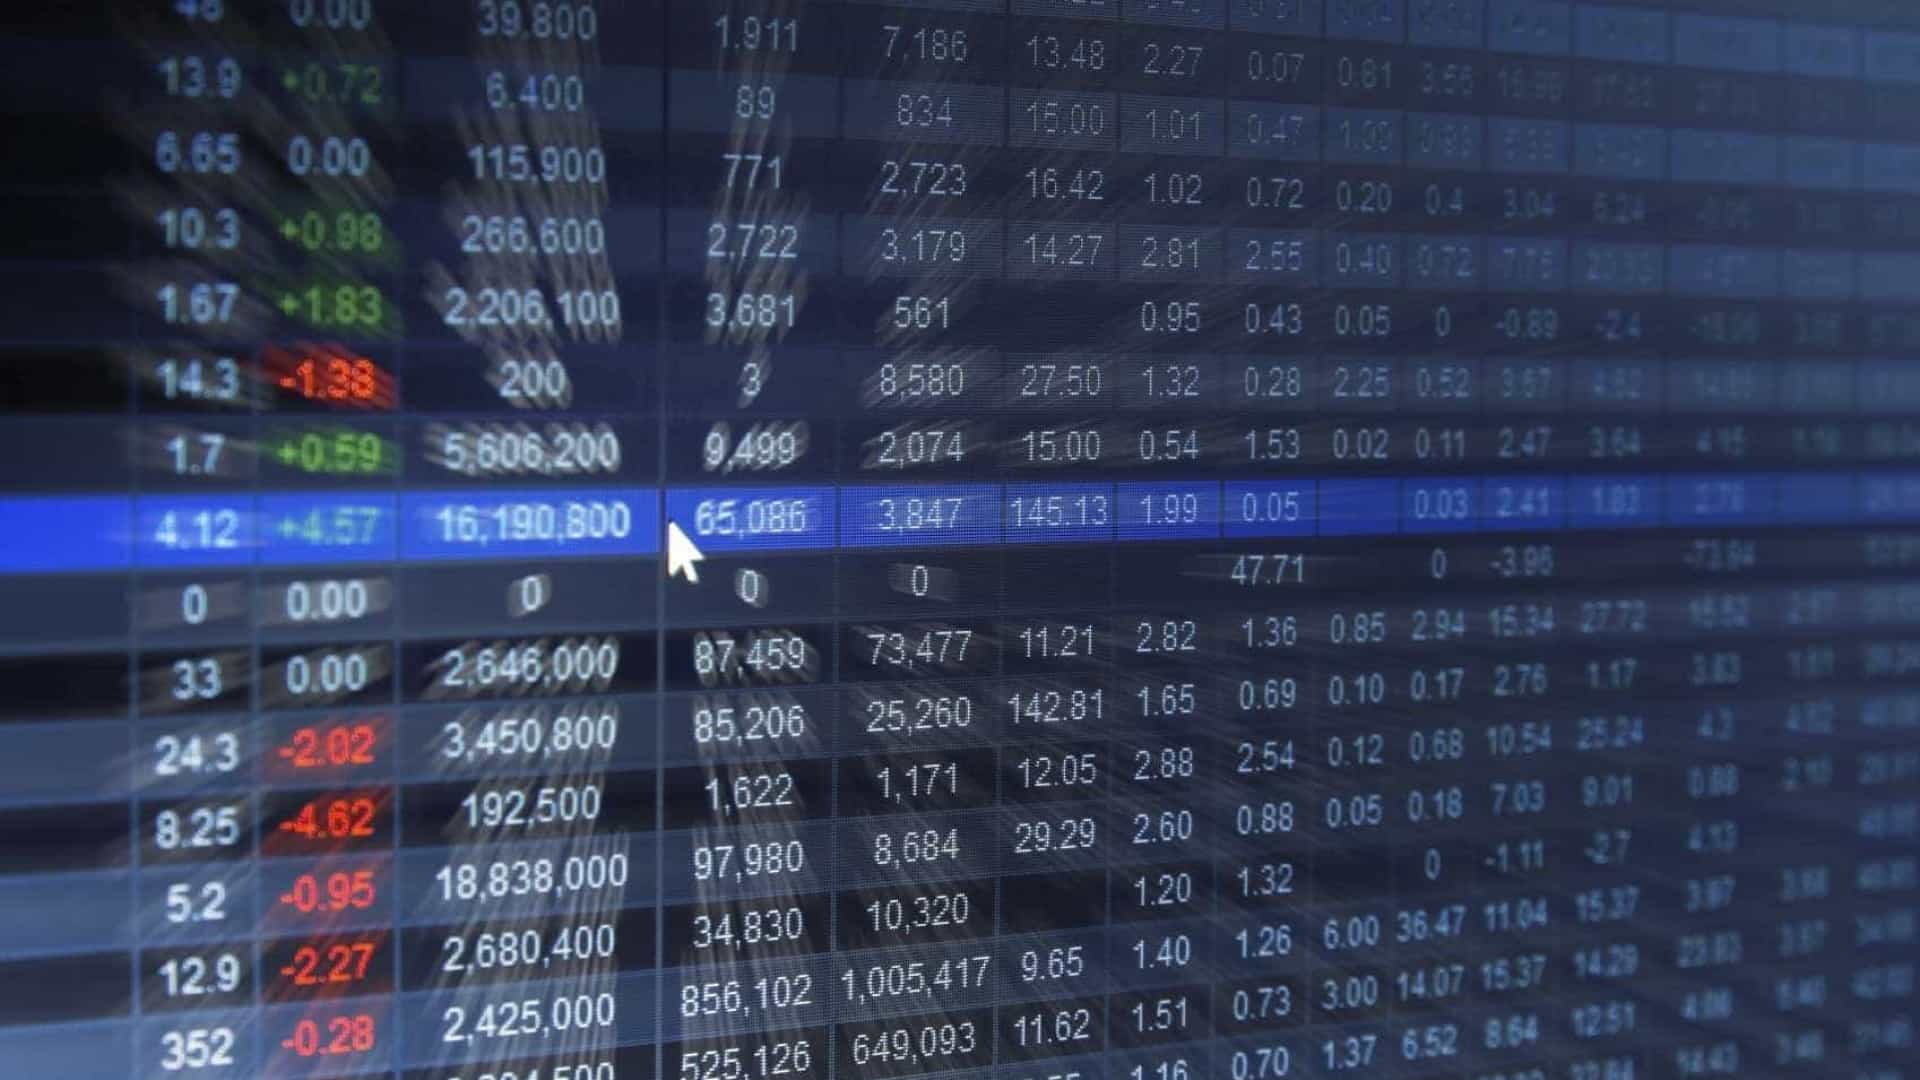 Bolsa de Lisboa em alta com PSI20 a subir